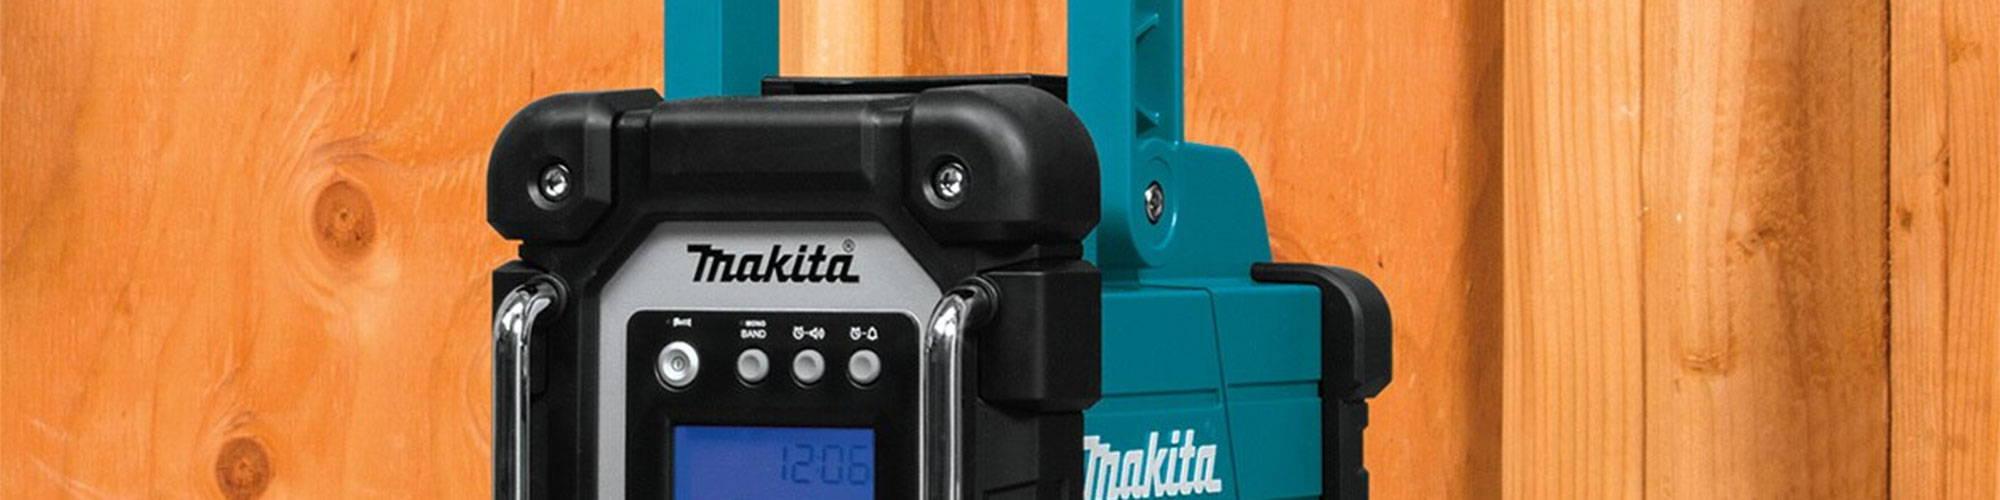 Makita Radio DMR107